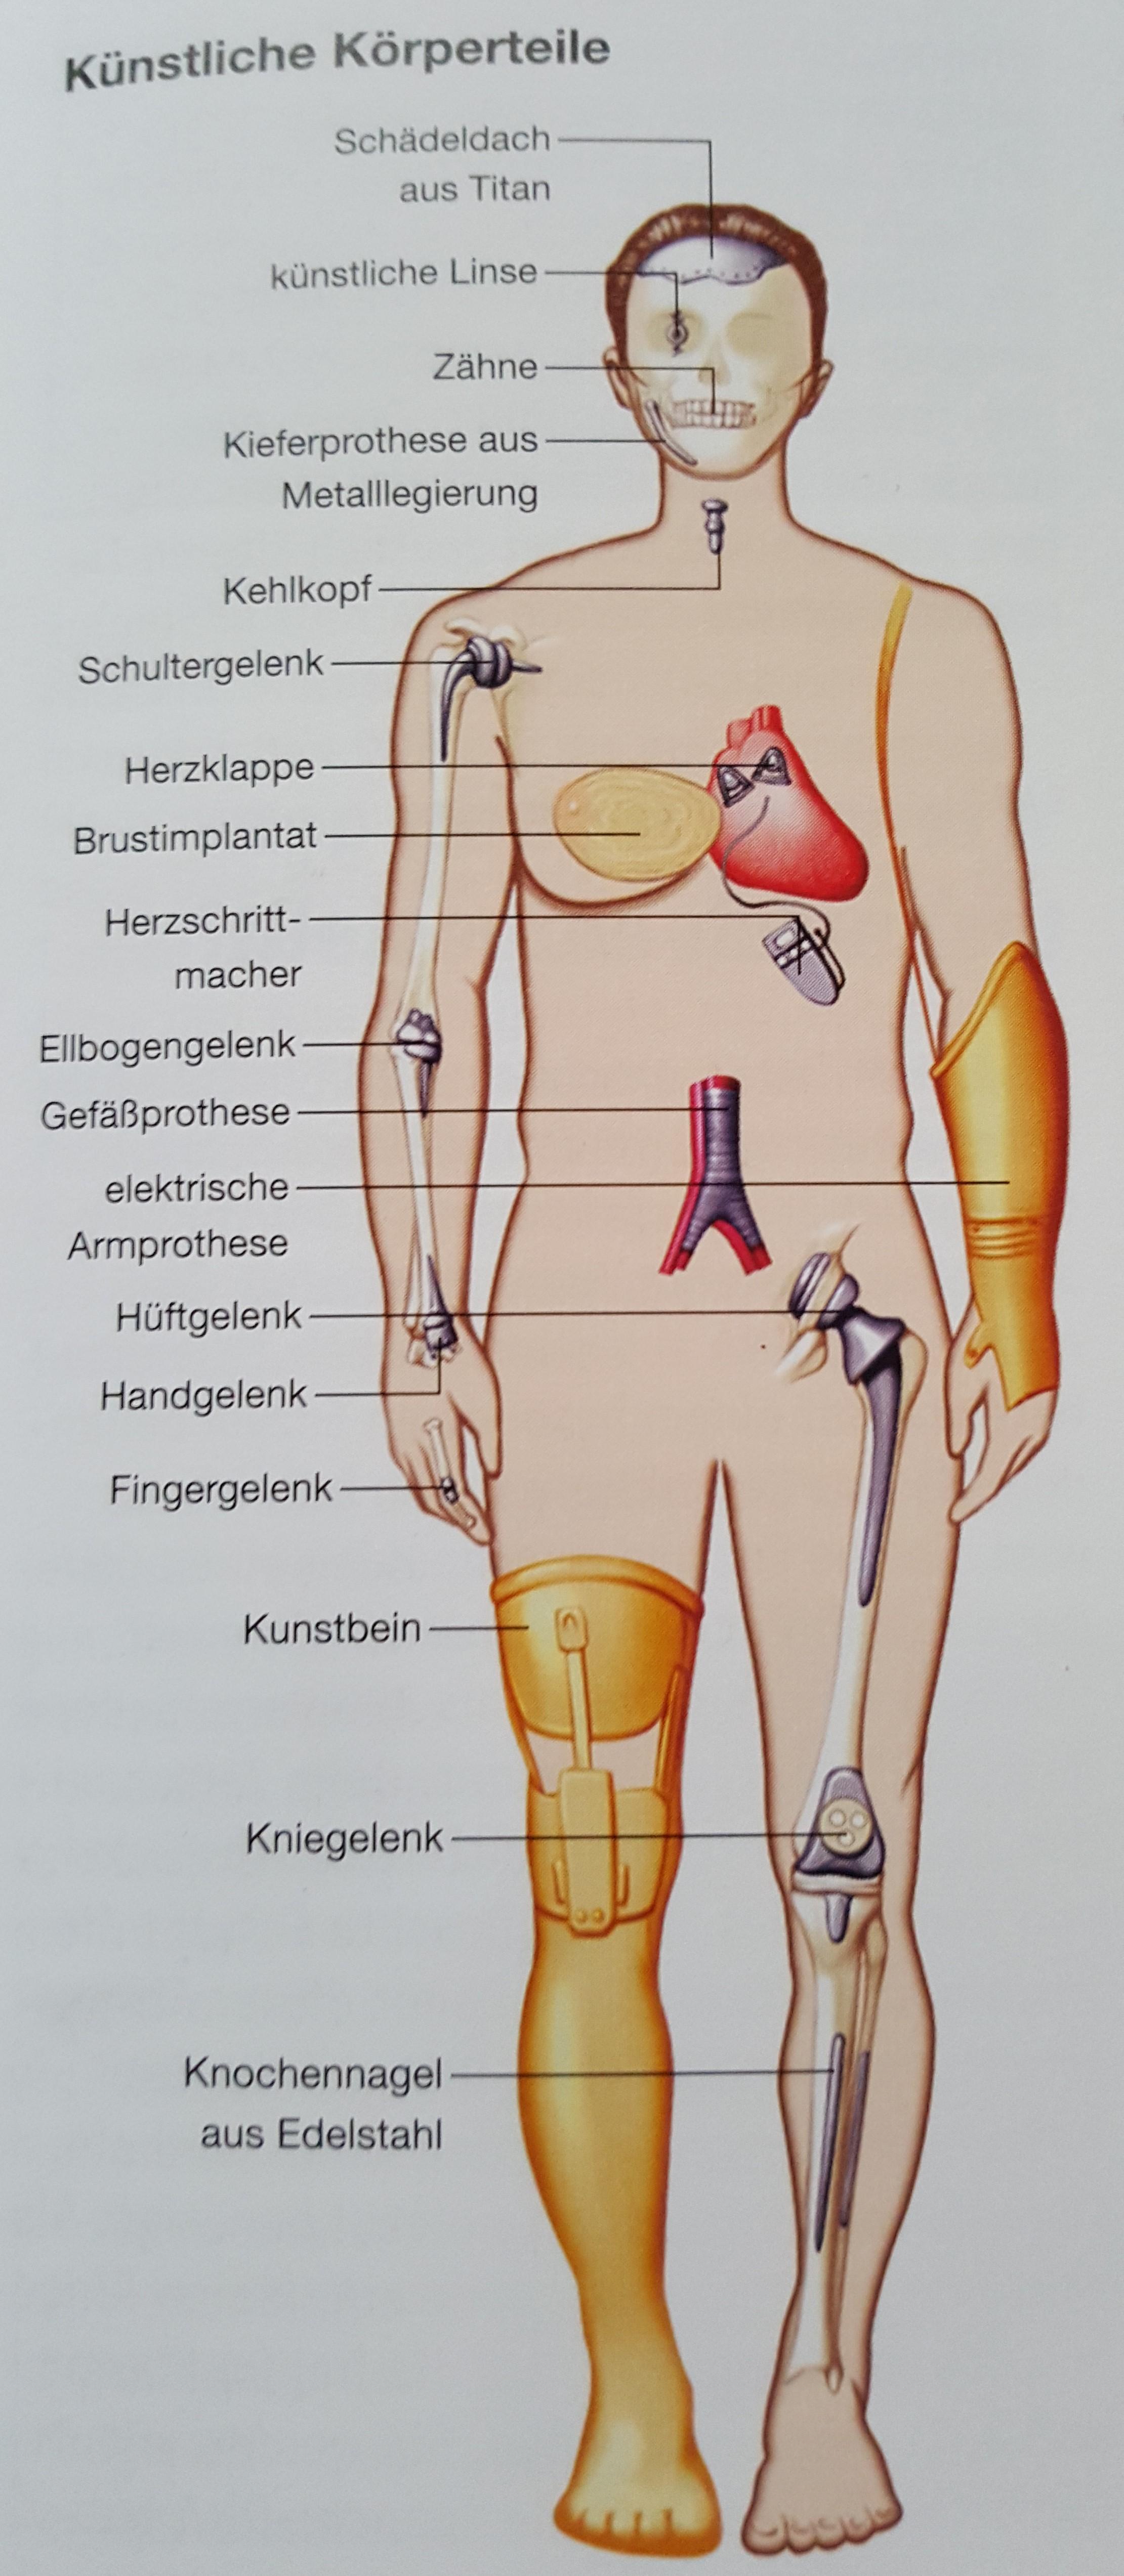 Ausgezeichnet Anatomie Körperteile Fotos - Menschliche Anatomie ...